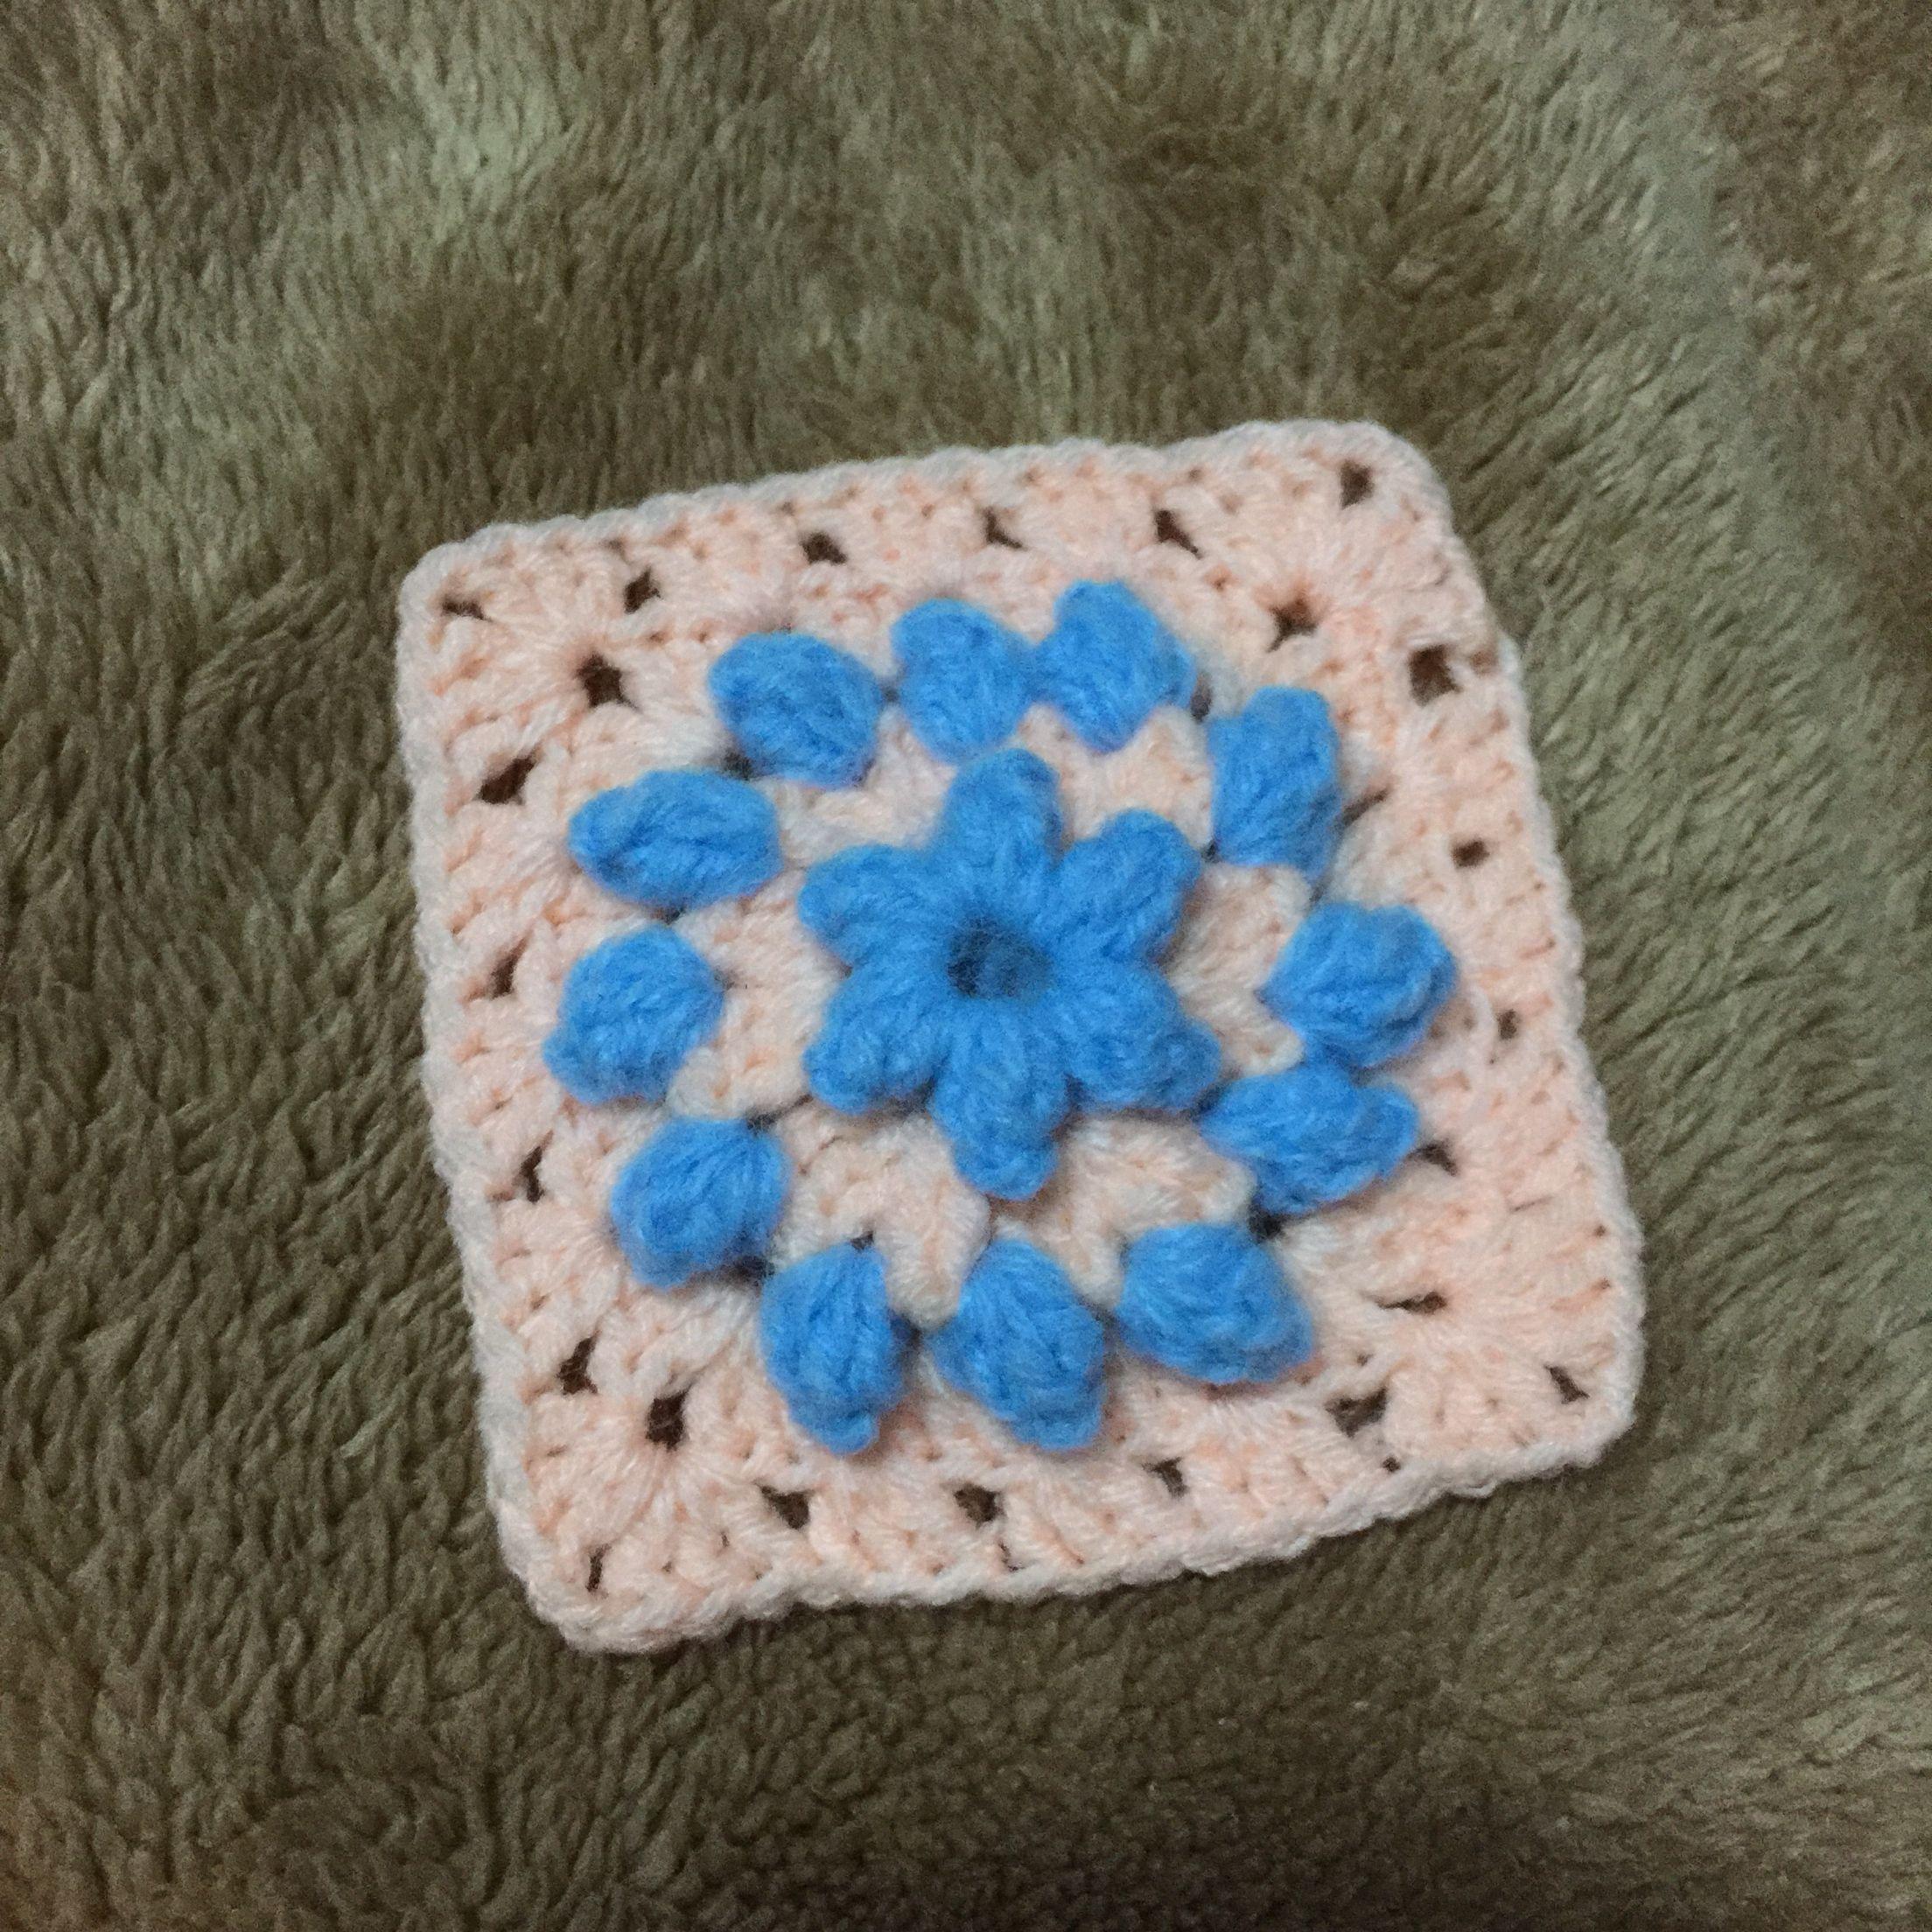 Popcorn granny square #allaboutcrochet | All about crochet ...